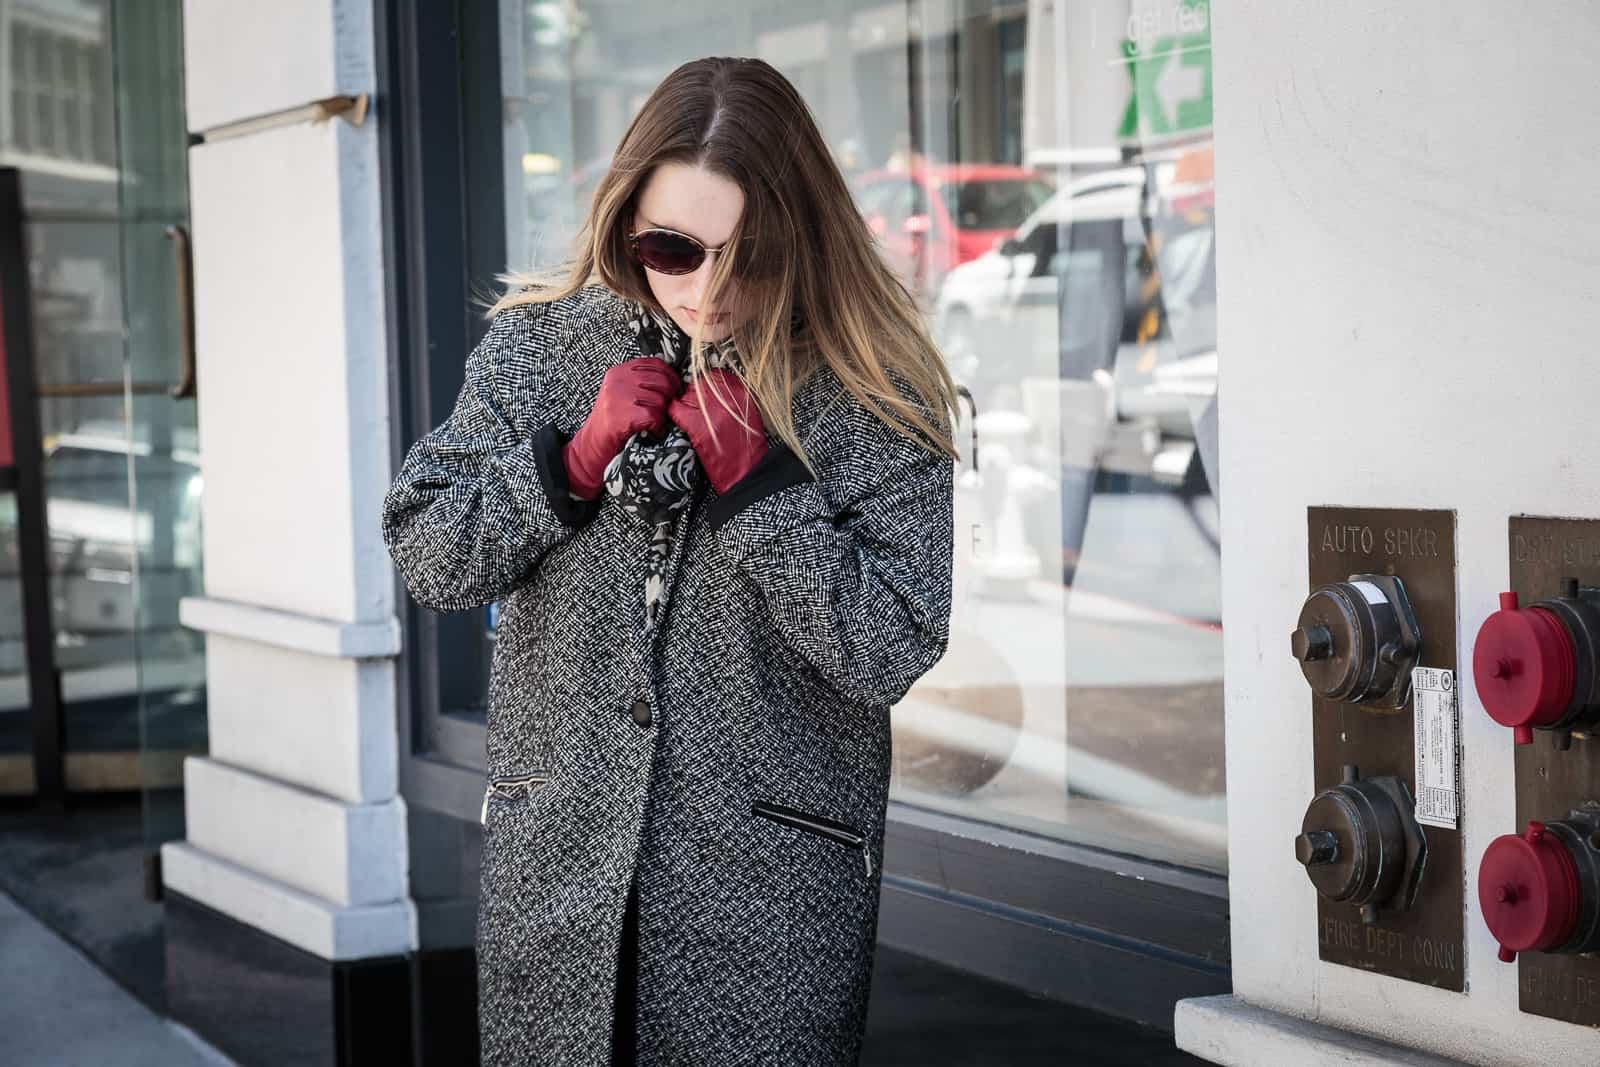 beau-gant-classic-gloves-silk-lining-deep-red-fashion3